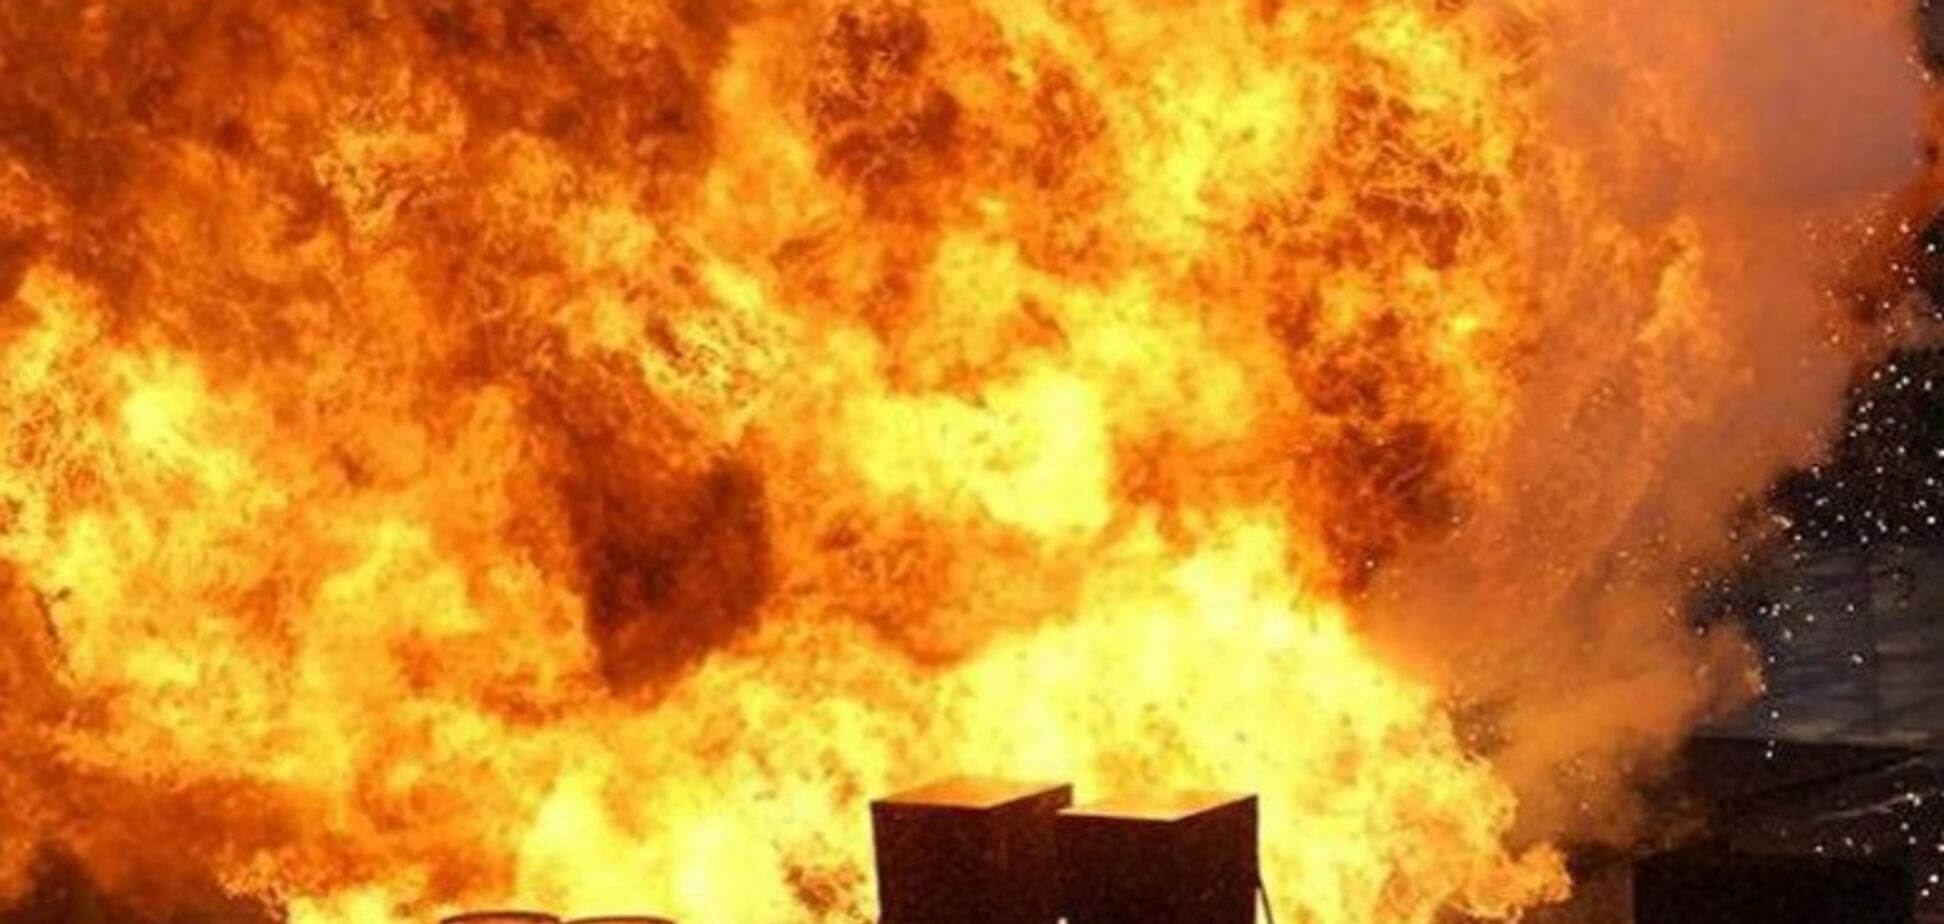 На Донетчине прогремел взрыв: есть погибший и пострадавшие